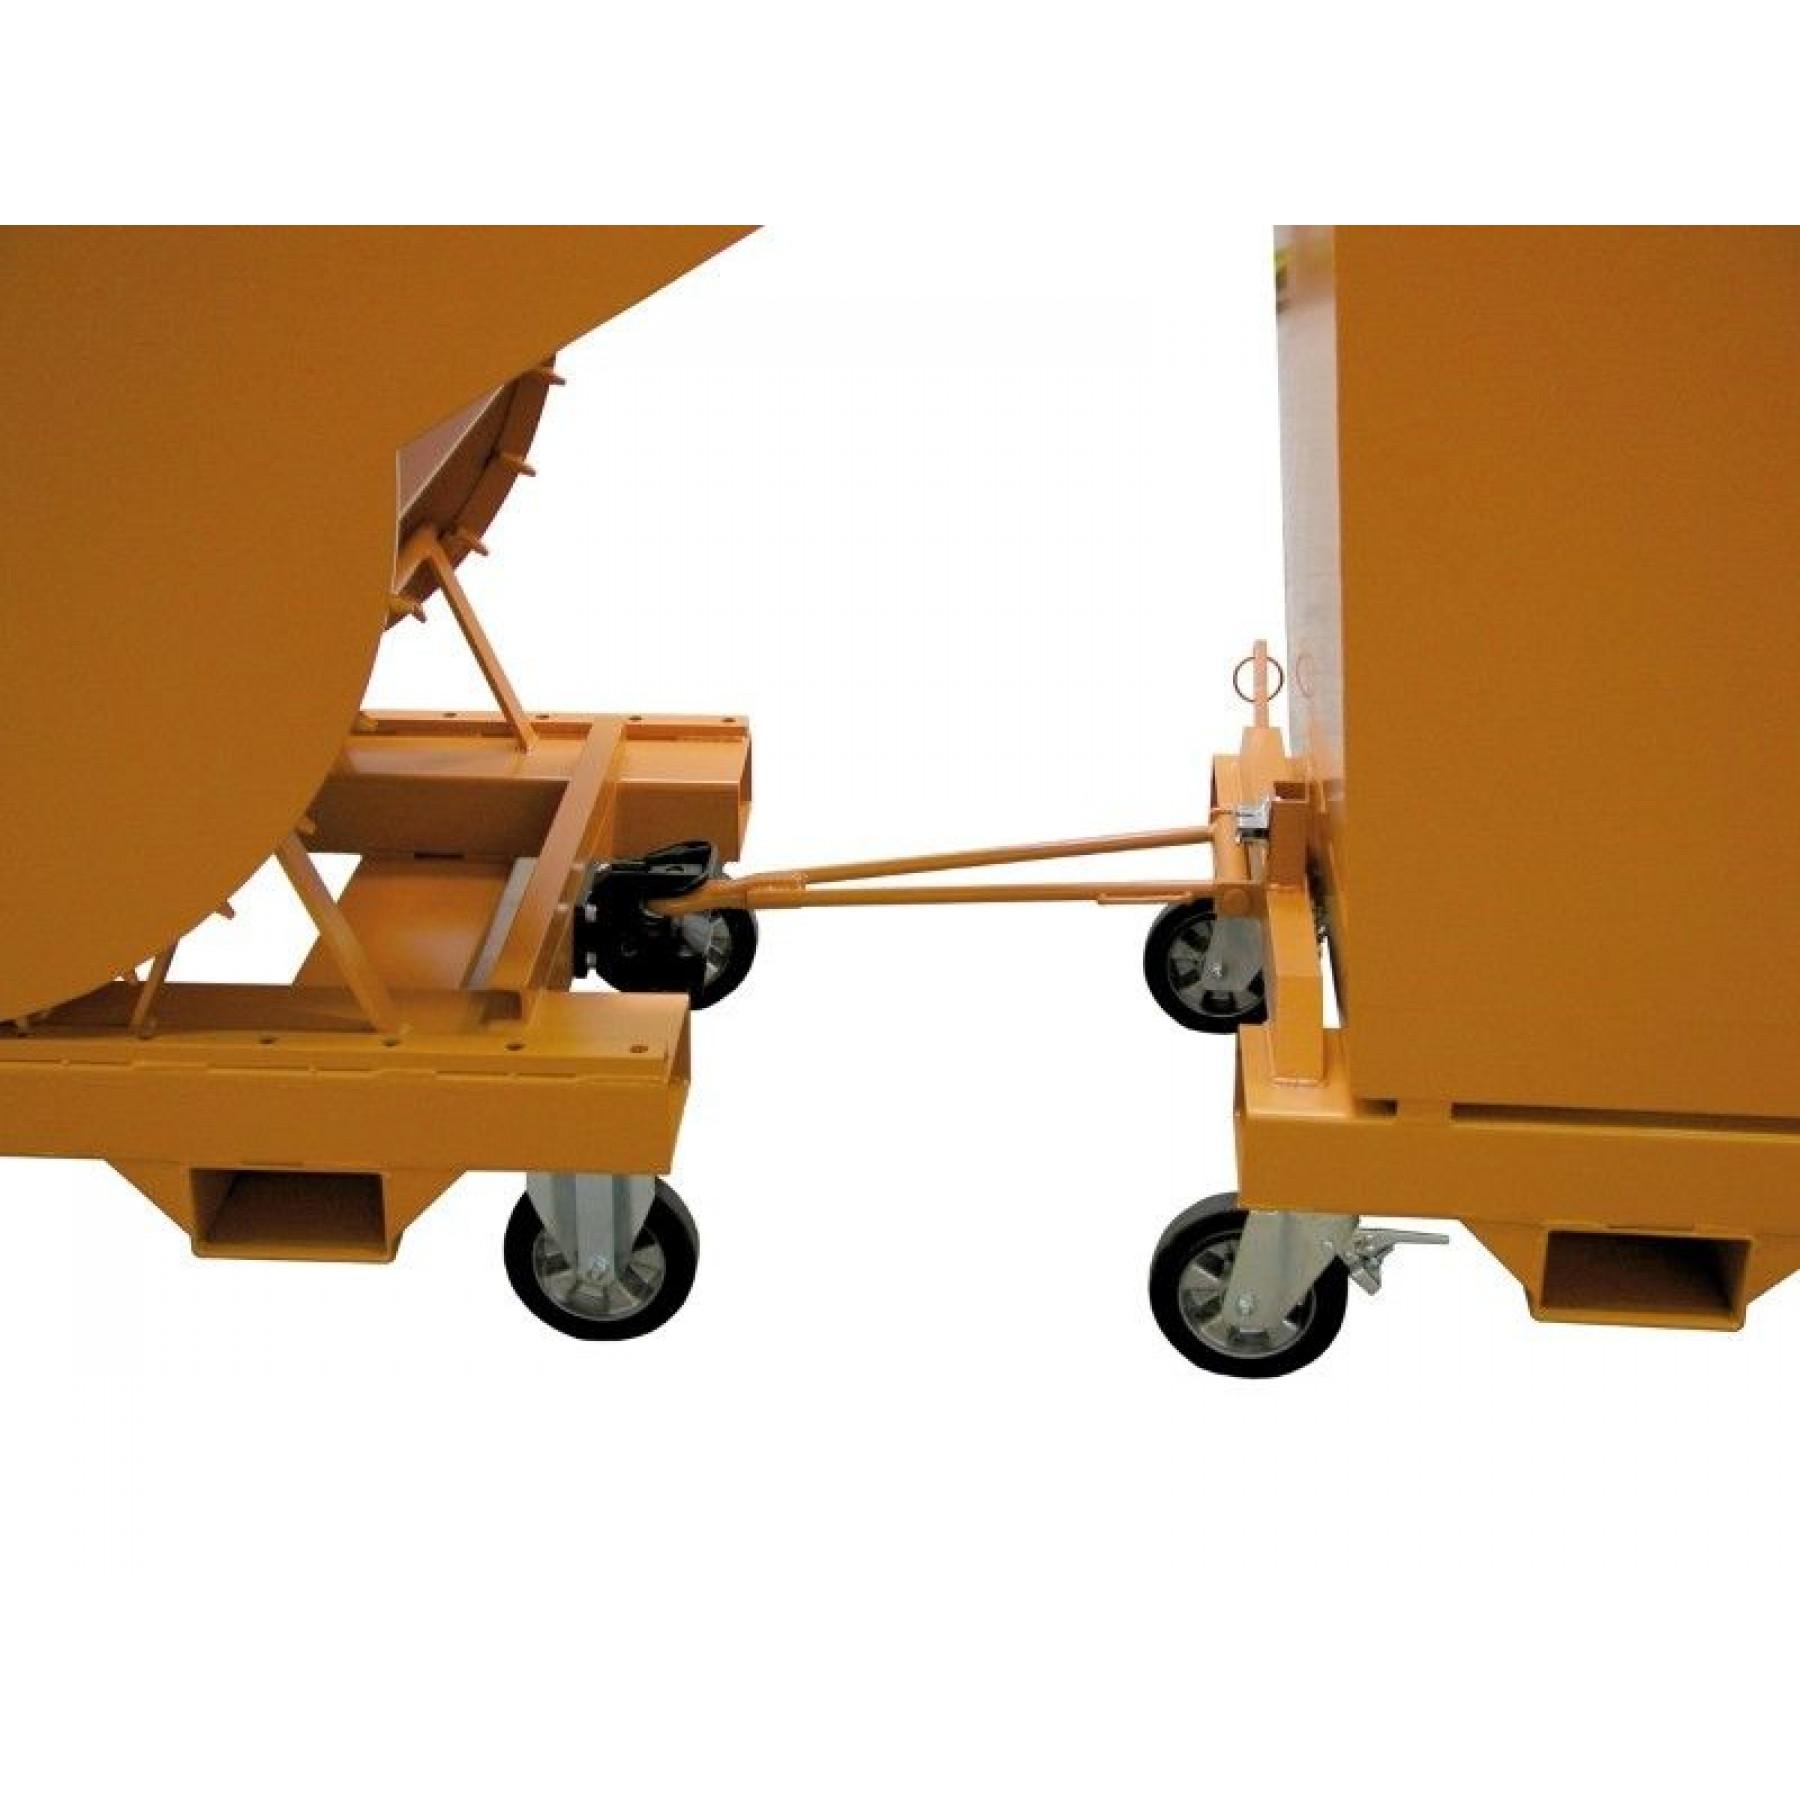 Aanhangerkoppeling met dissel voor kiepcontainer, MTFL-AKD